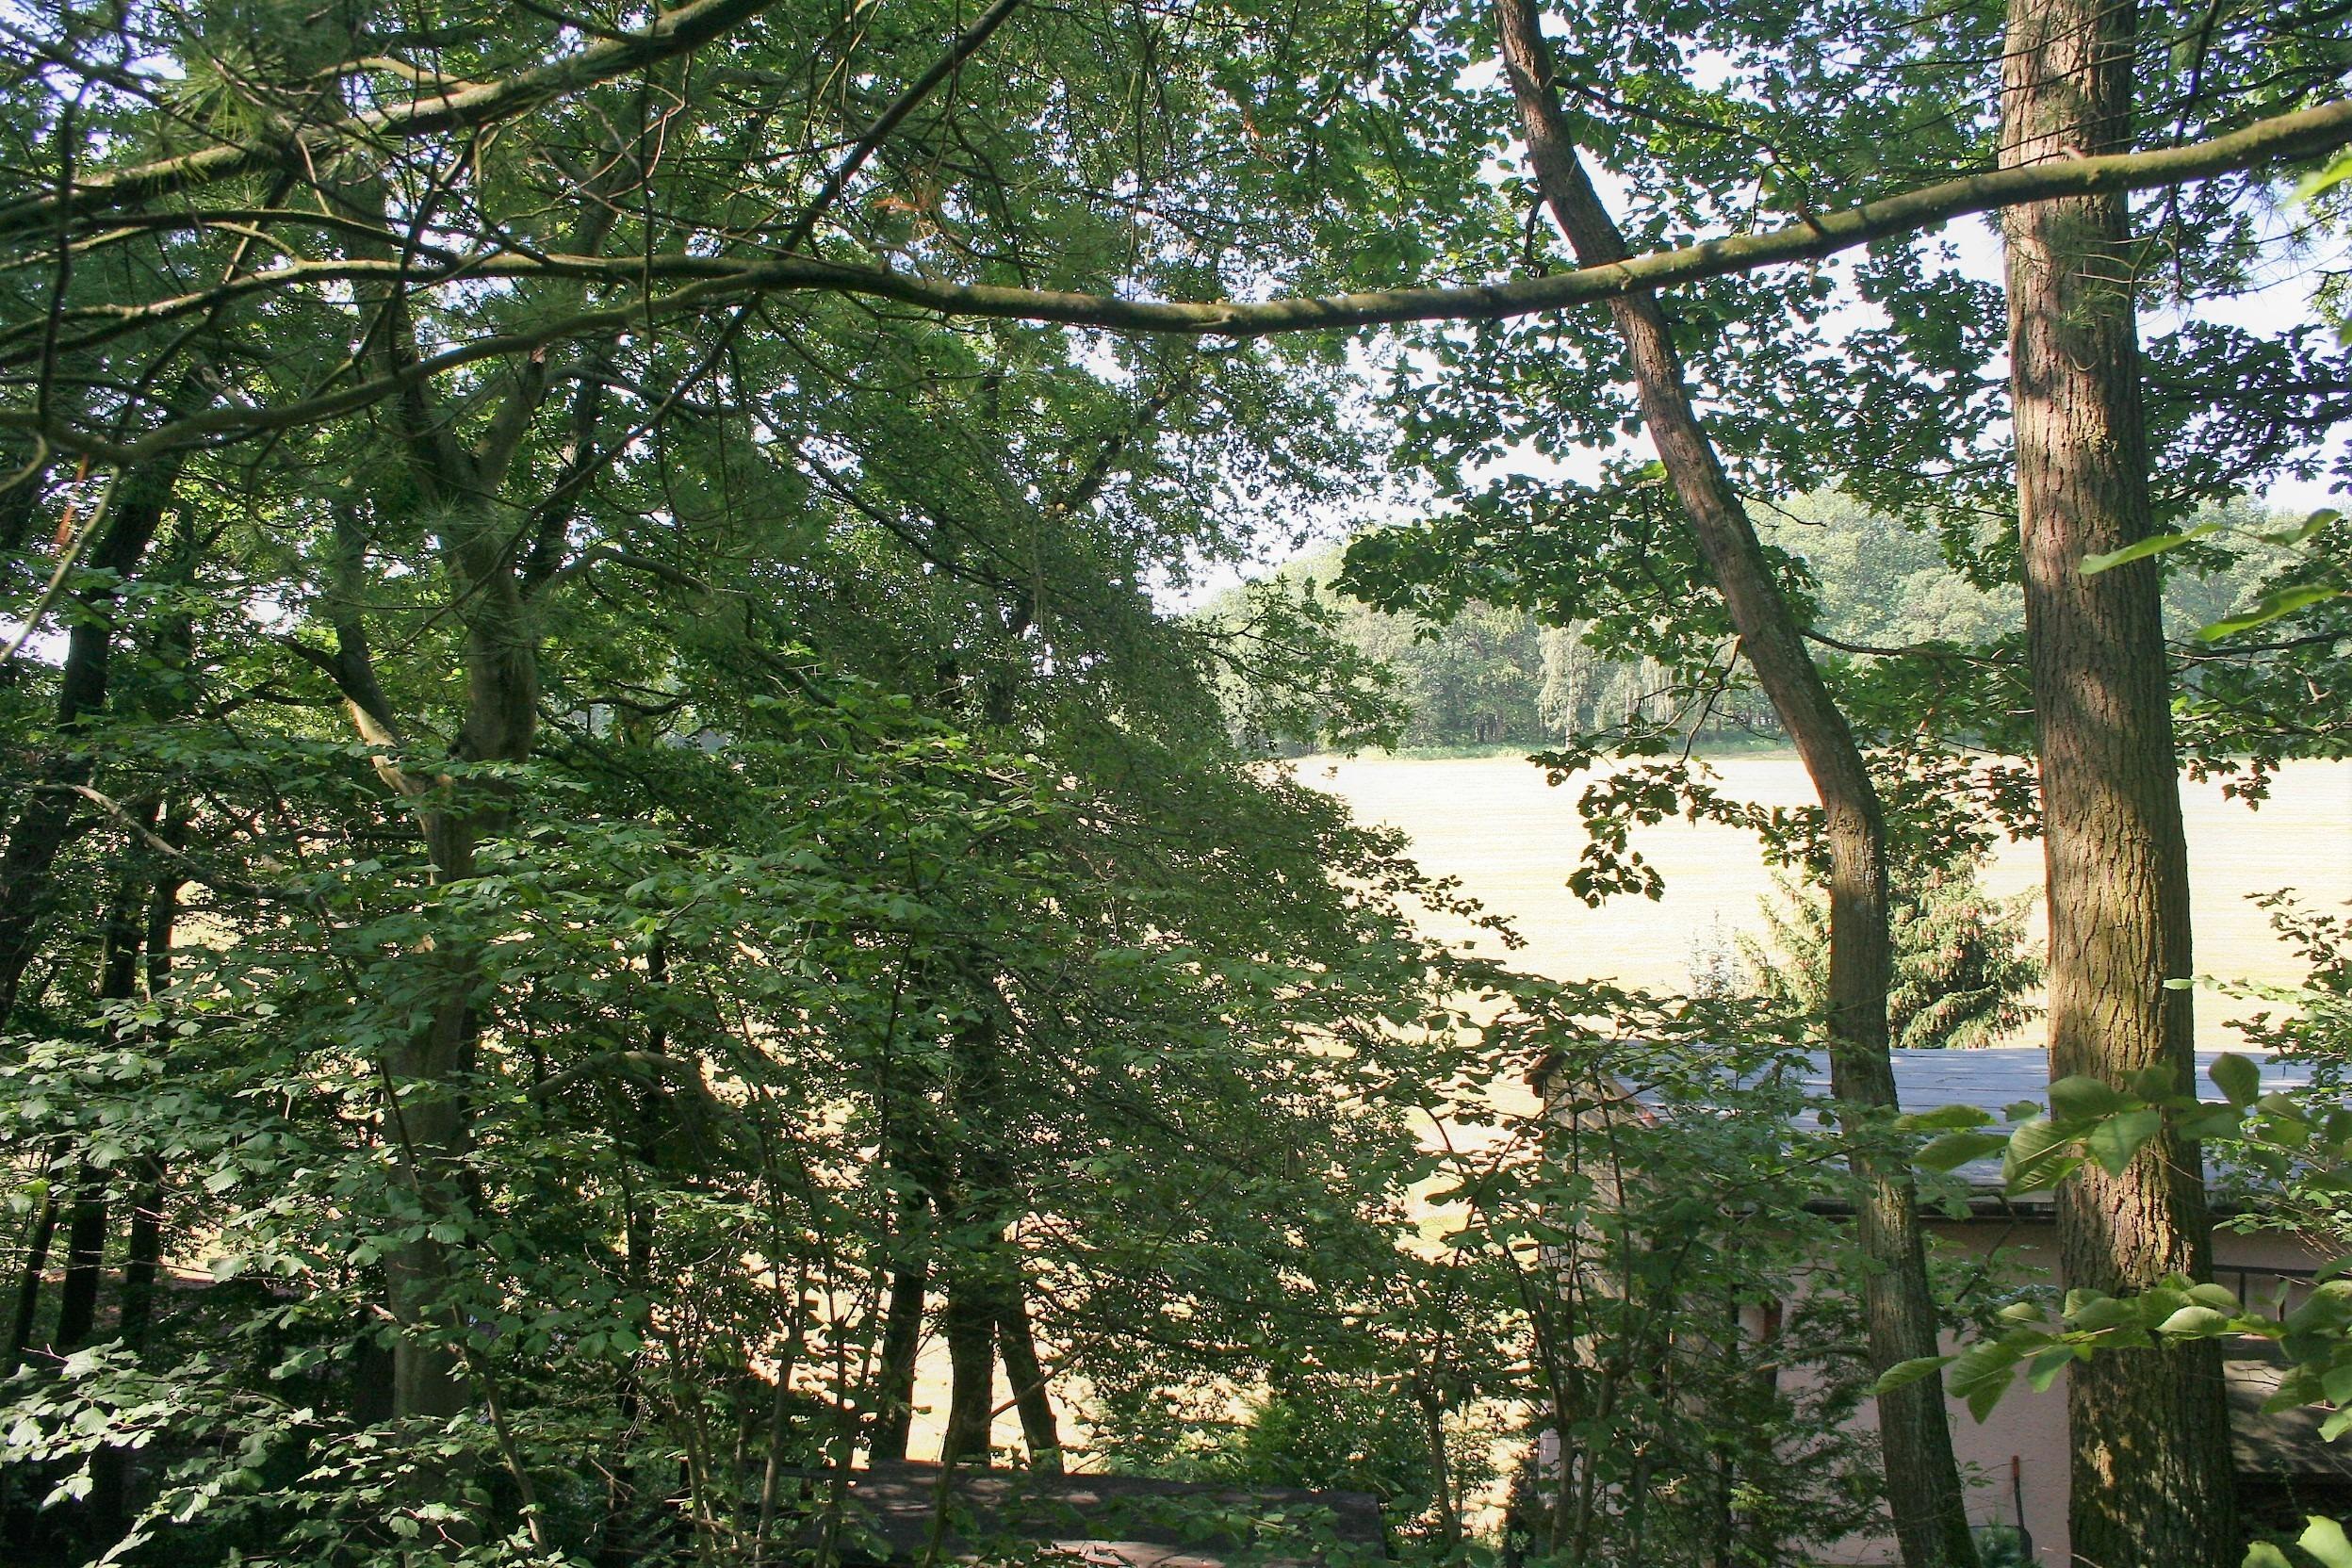 Wochenendgrundstück in Gorenzen - Terrassenblick